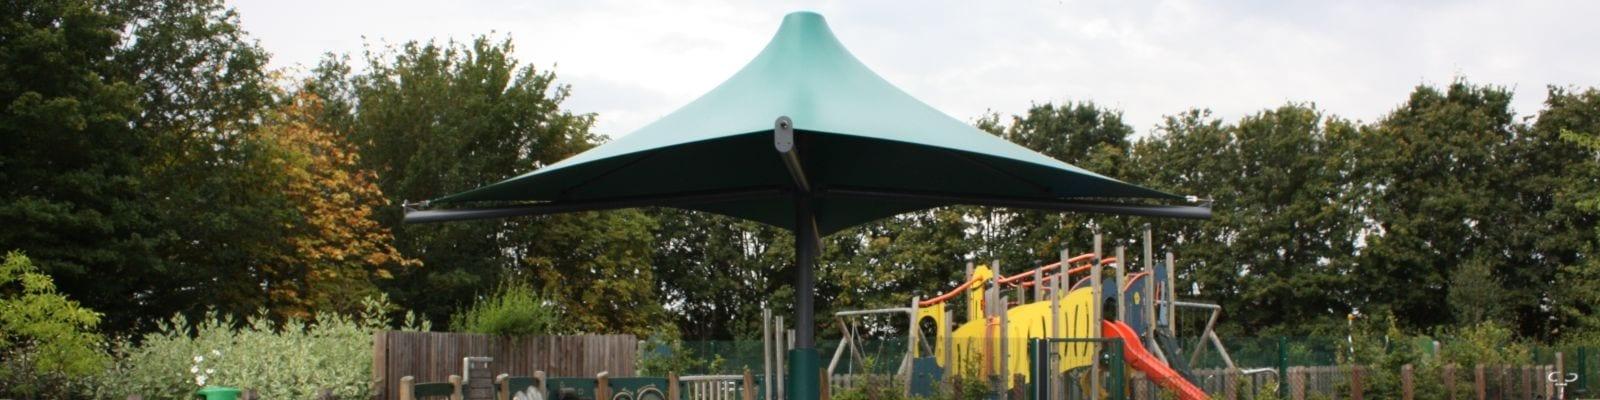 Umbrella canopy we designed for The Bridge Primary School